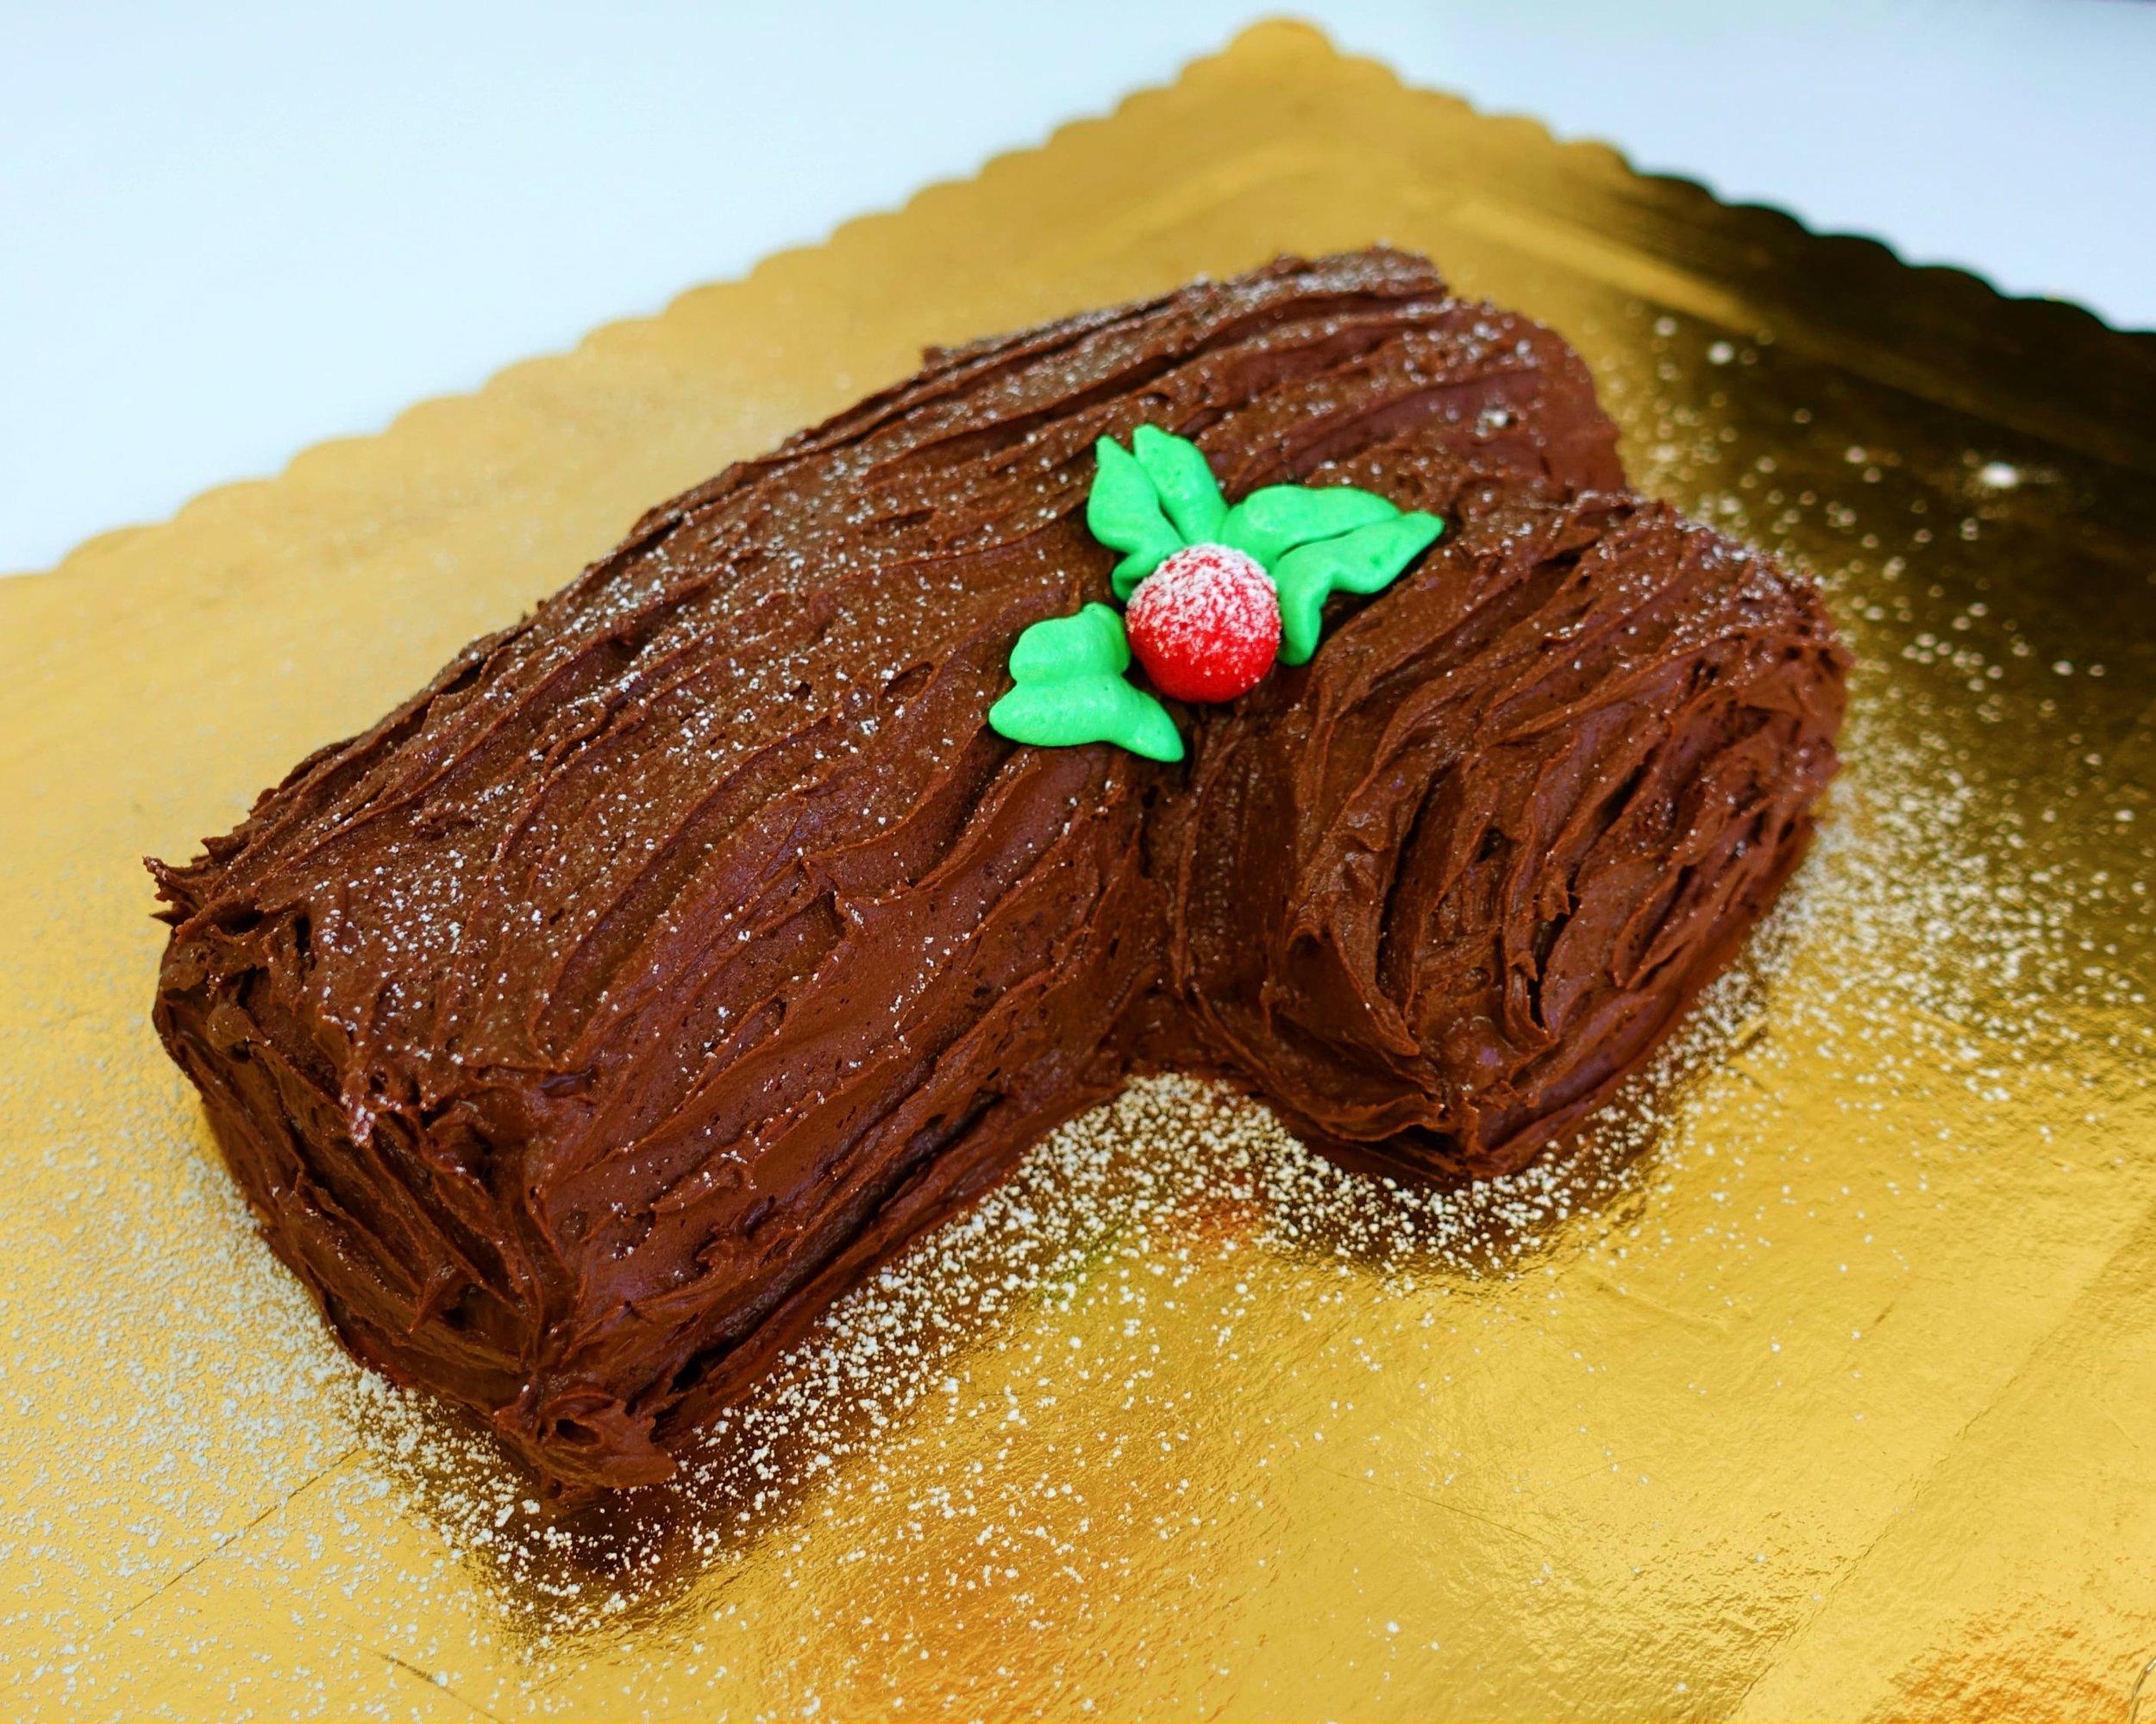 Tronchetto Di Natale Con Crema Chantilly.Tronchetto Di Natale La Pasticciona Vegana